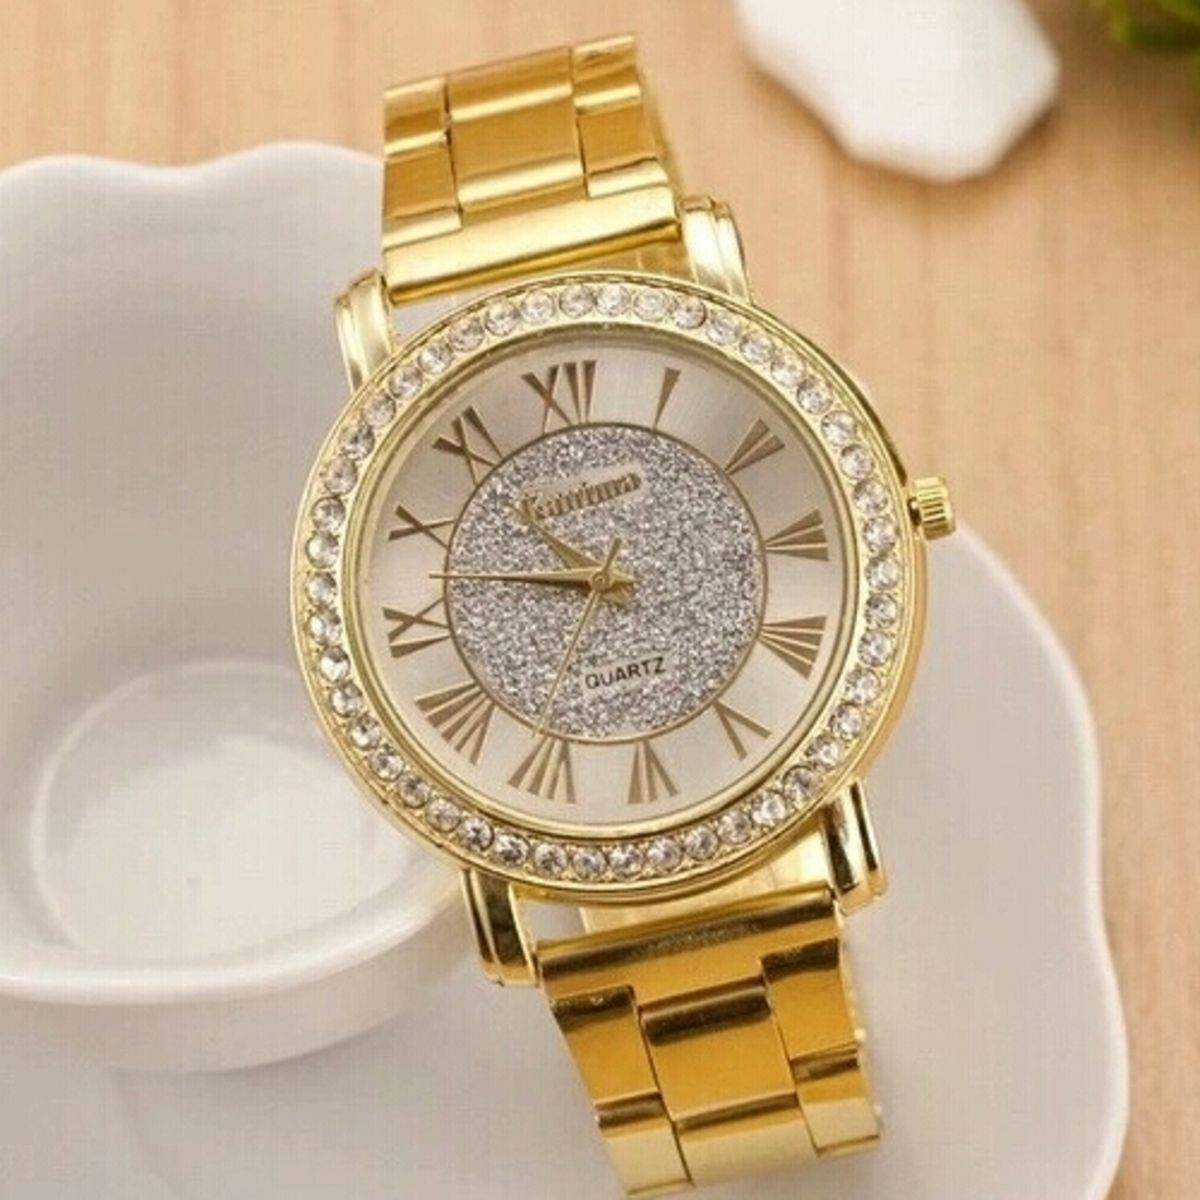 de0a5ece52e Relógio Feminino Kanima - Aço Metal Inox Quartz Comprar online relógio da  Marca Kanima Importado da China no Brasil